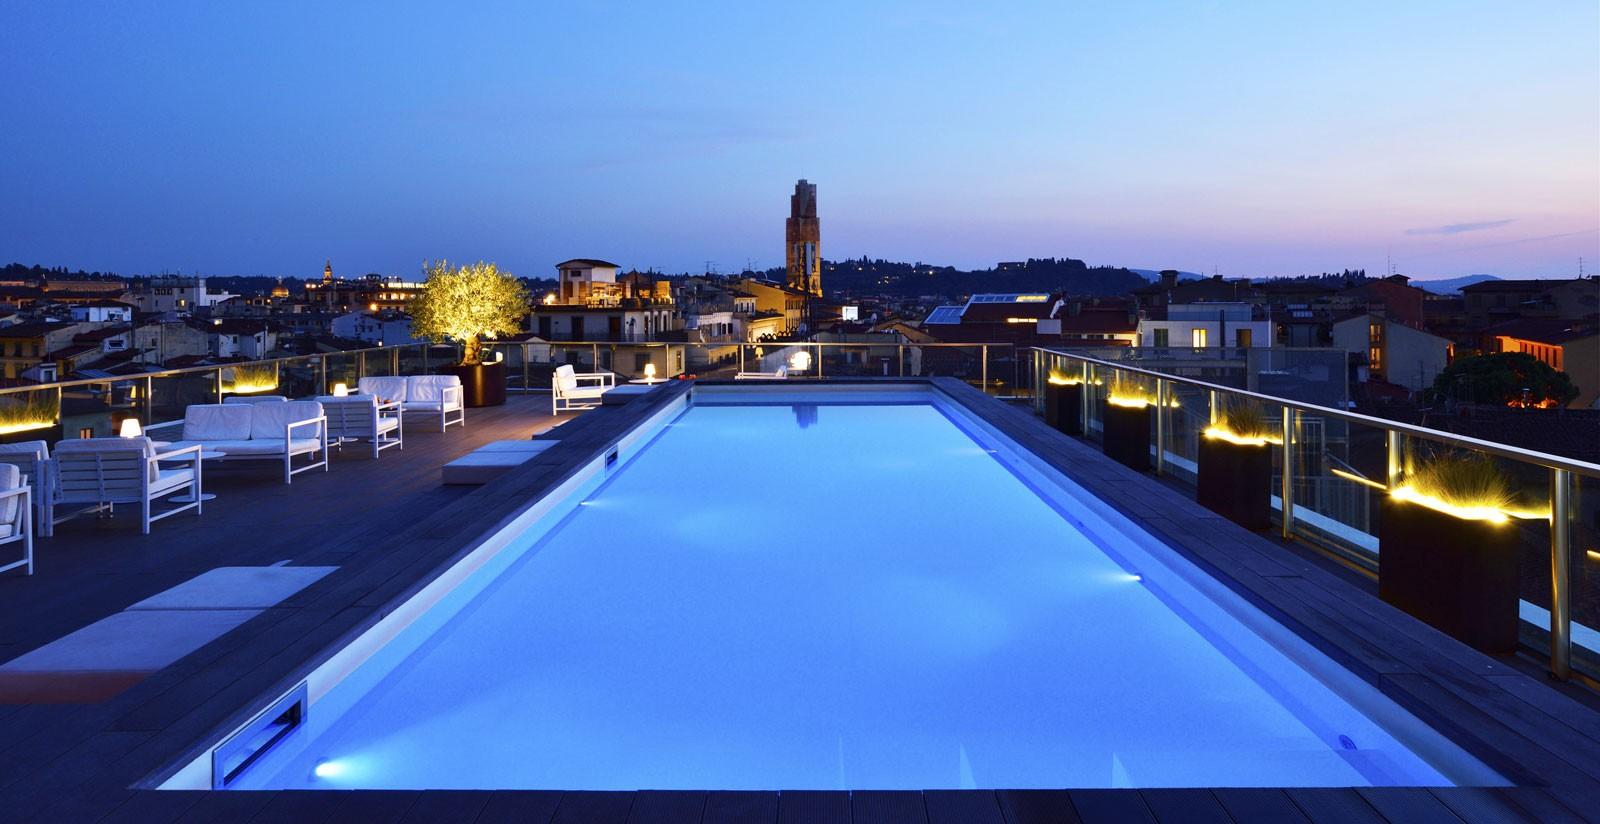 La Piscina Riscaldata Panoramica Di Glance Hotel A Firenze